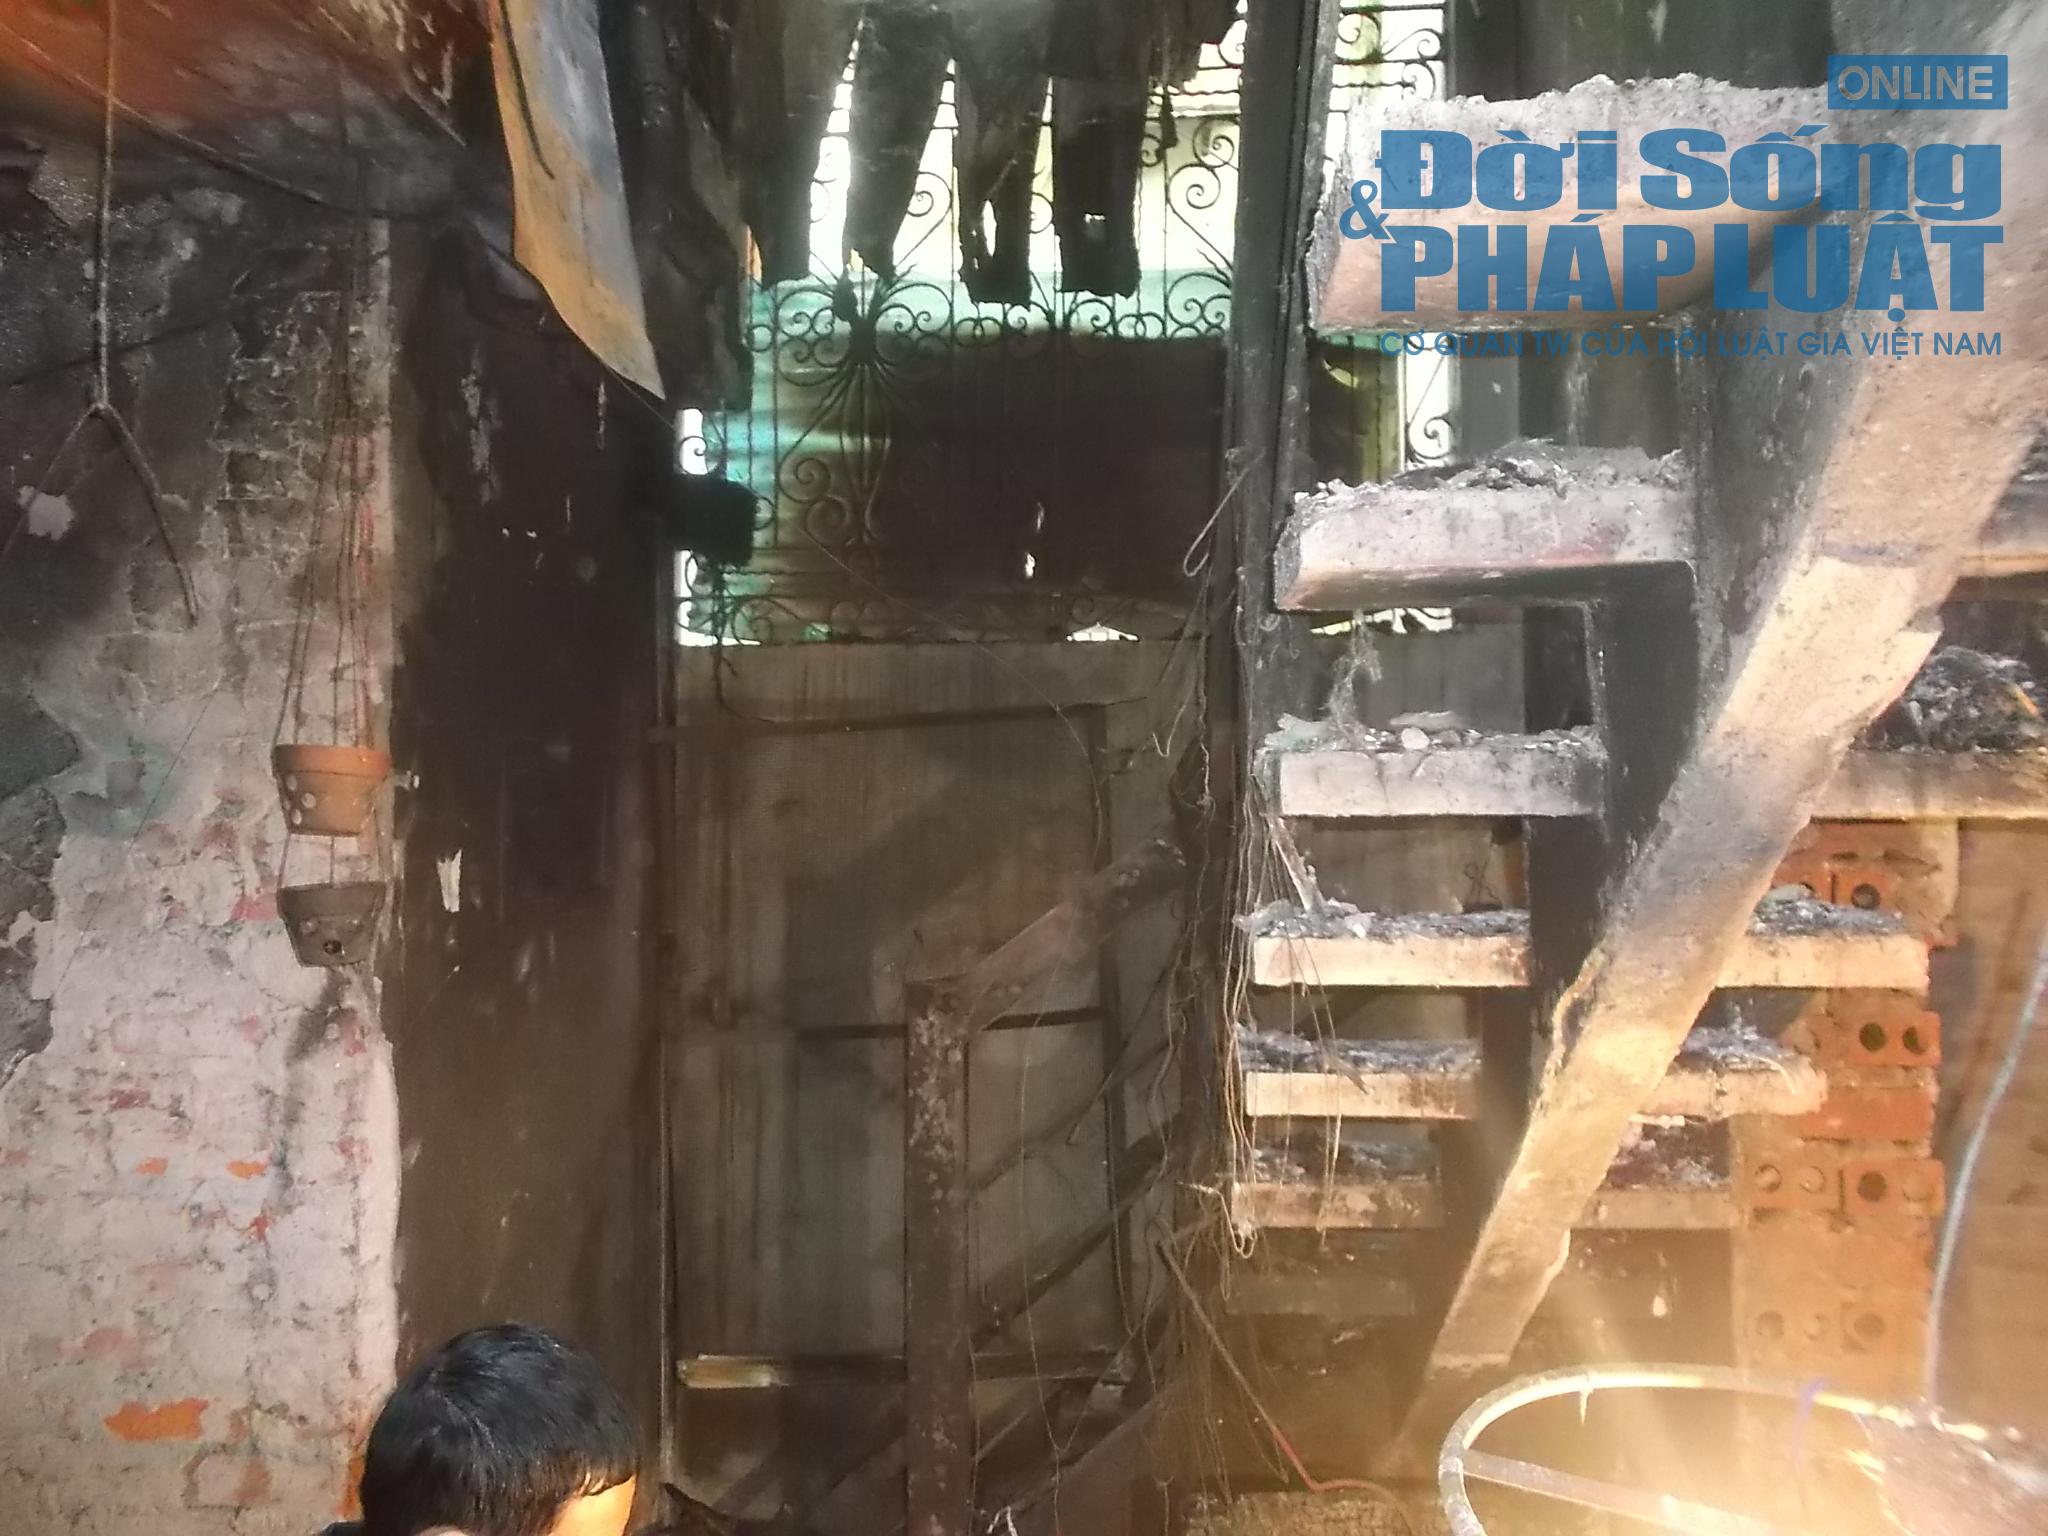 Cháy nhà ở Hải Phòng: 6 người chết và lời cảnh báo cho mọi gia đình - Ảnh 1